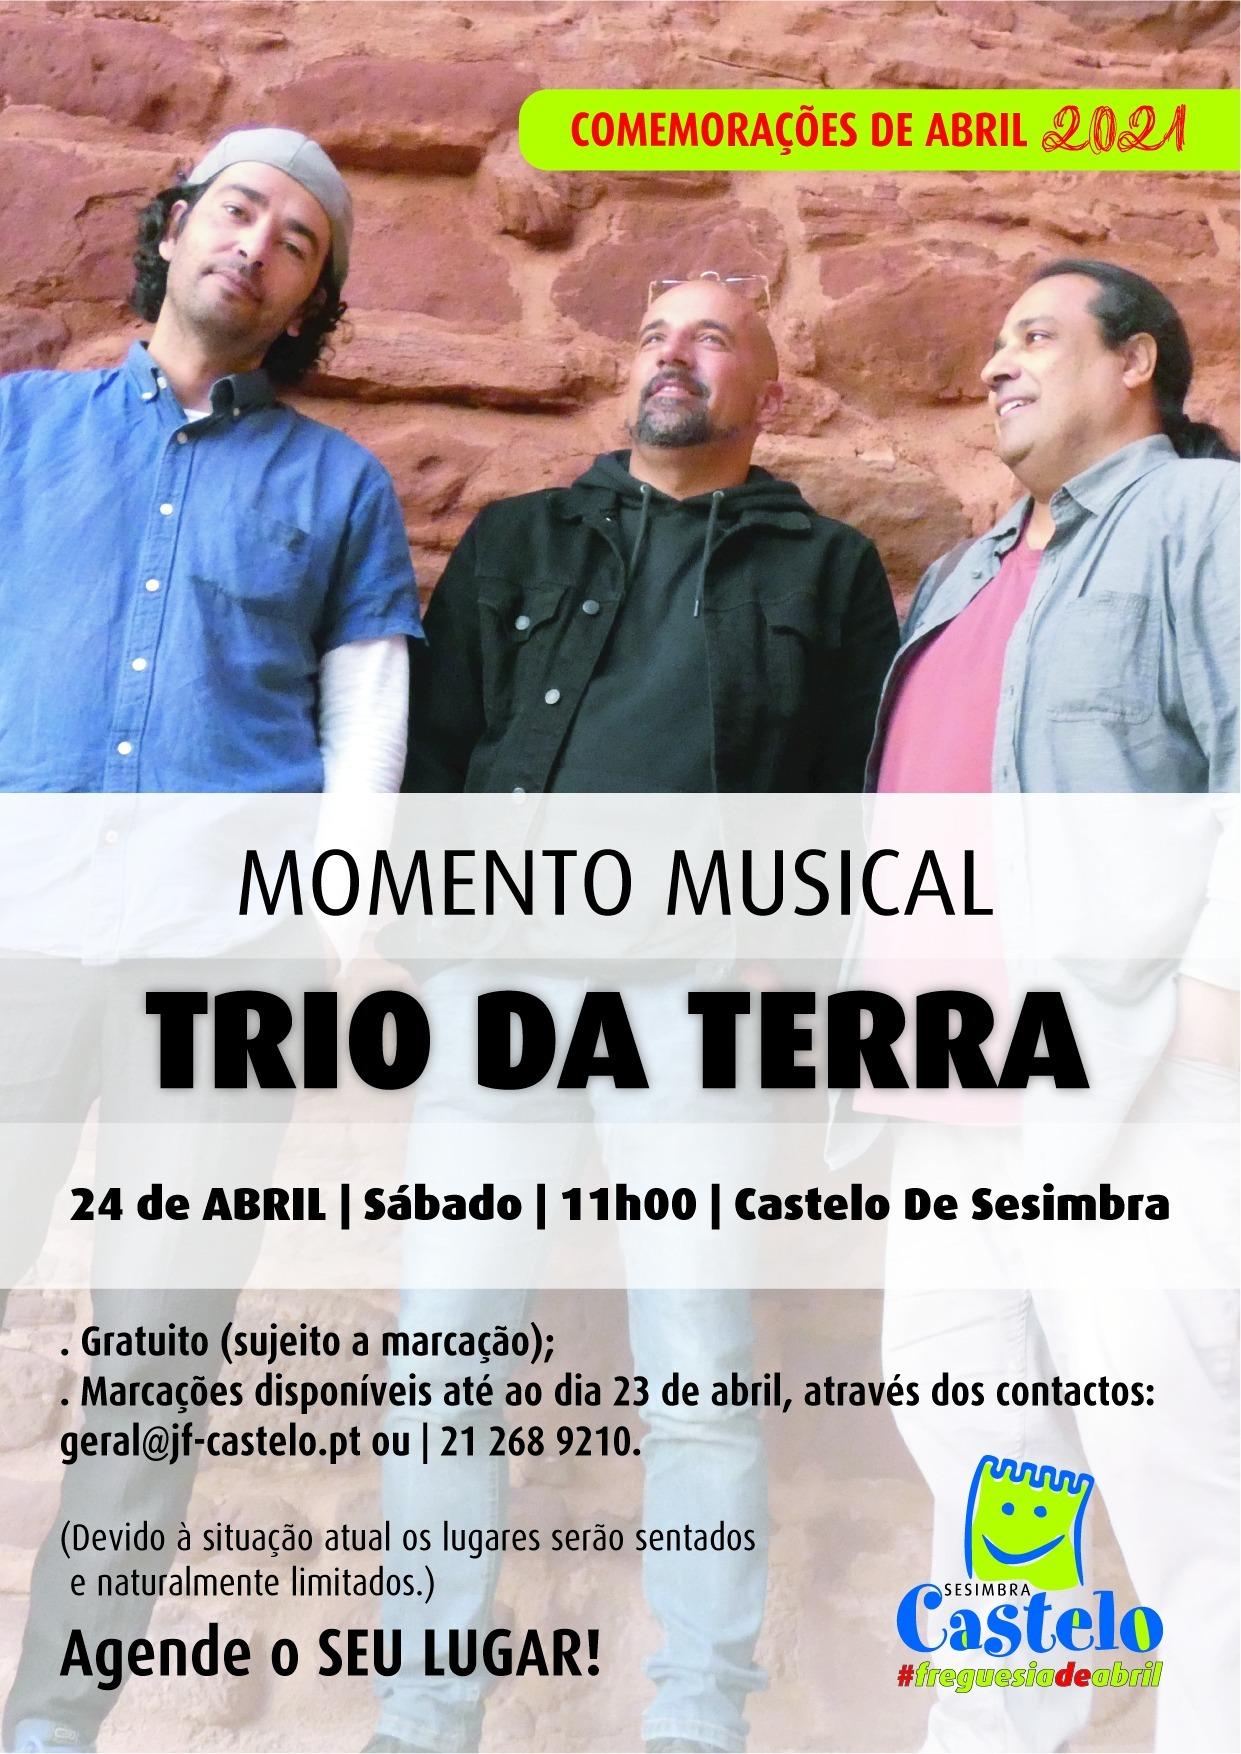 Trio da Terra | Comemorações de Abril